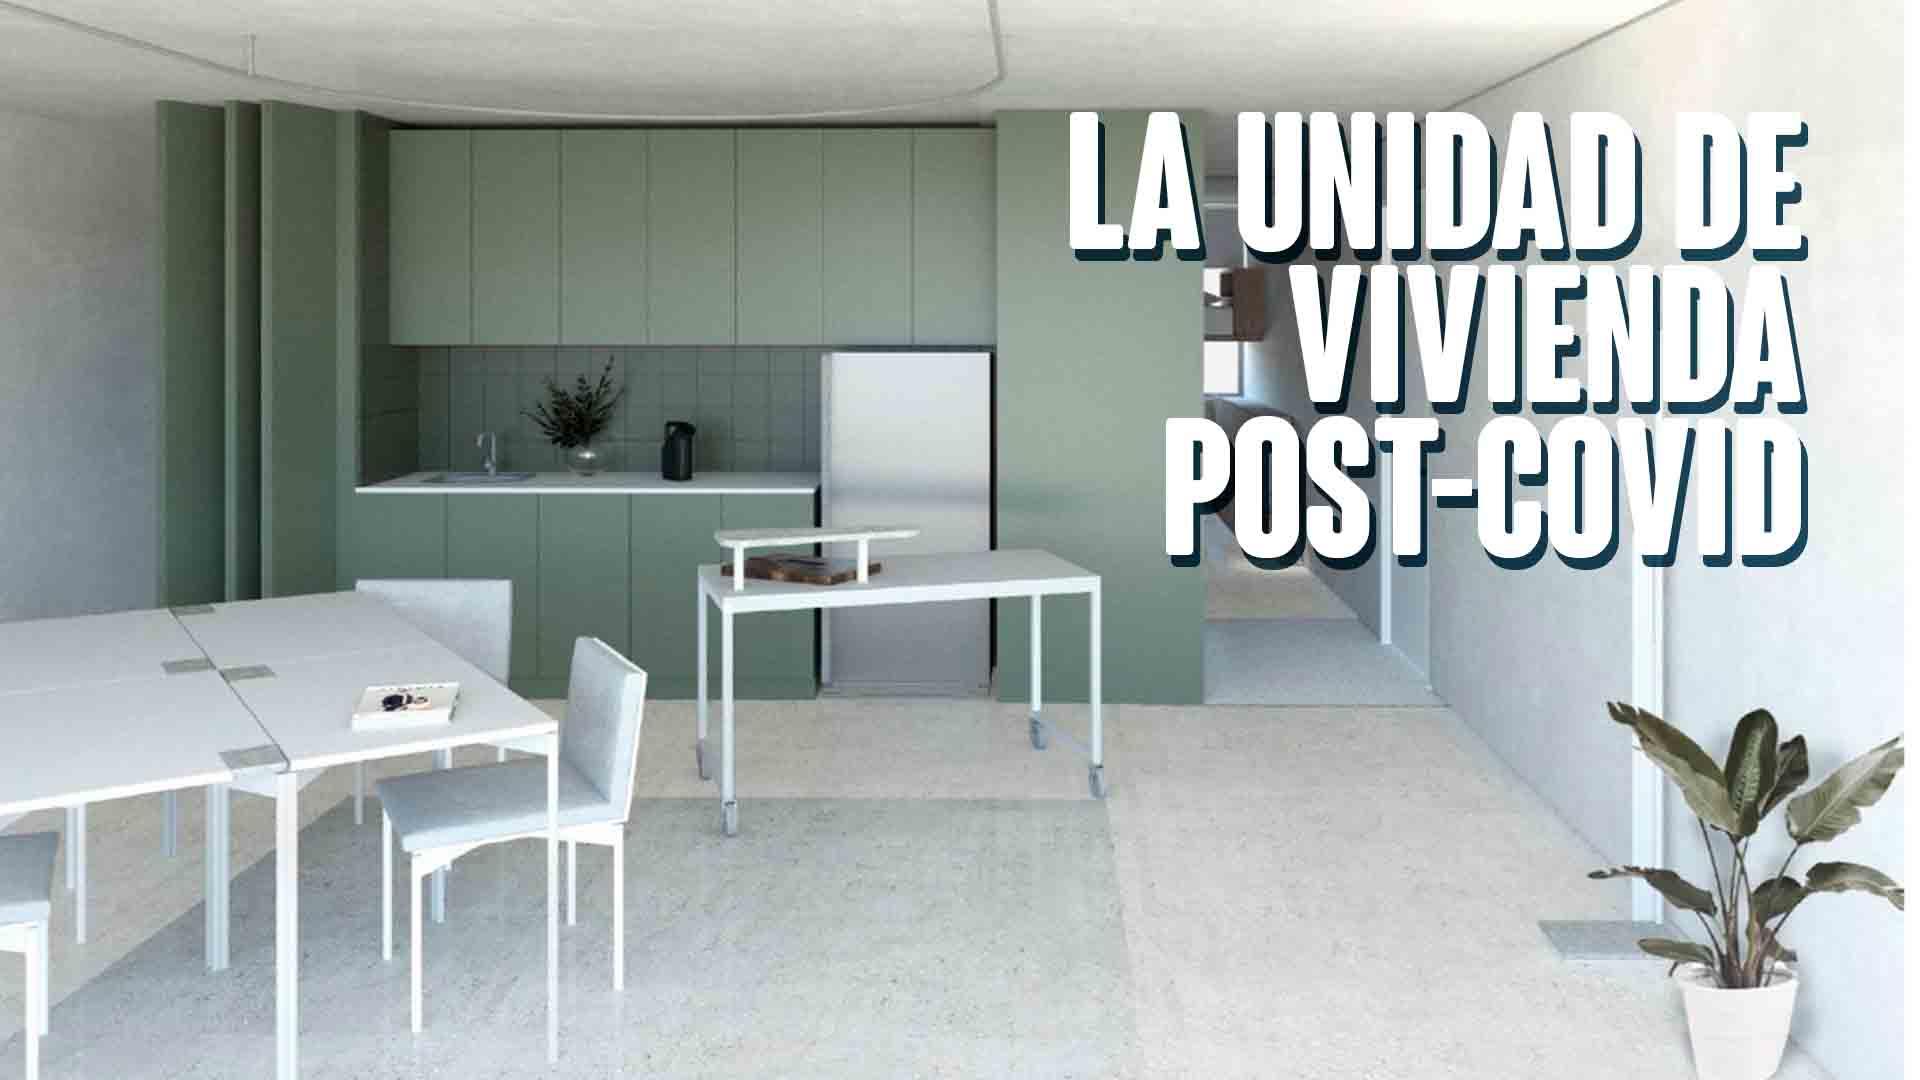 La unidad de vivienda post-Covid